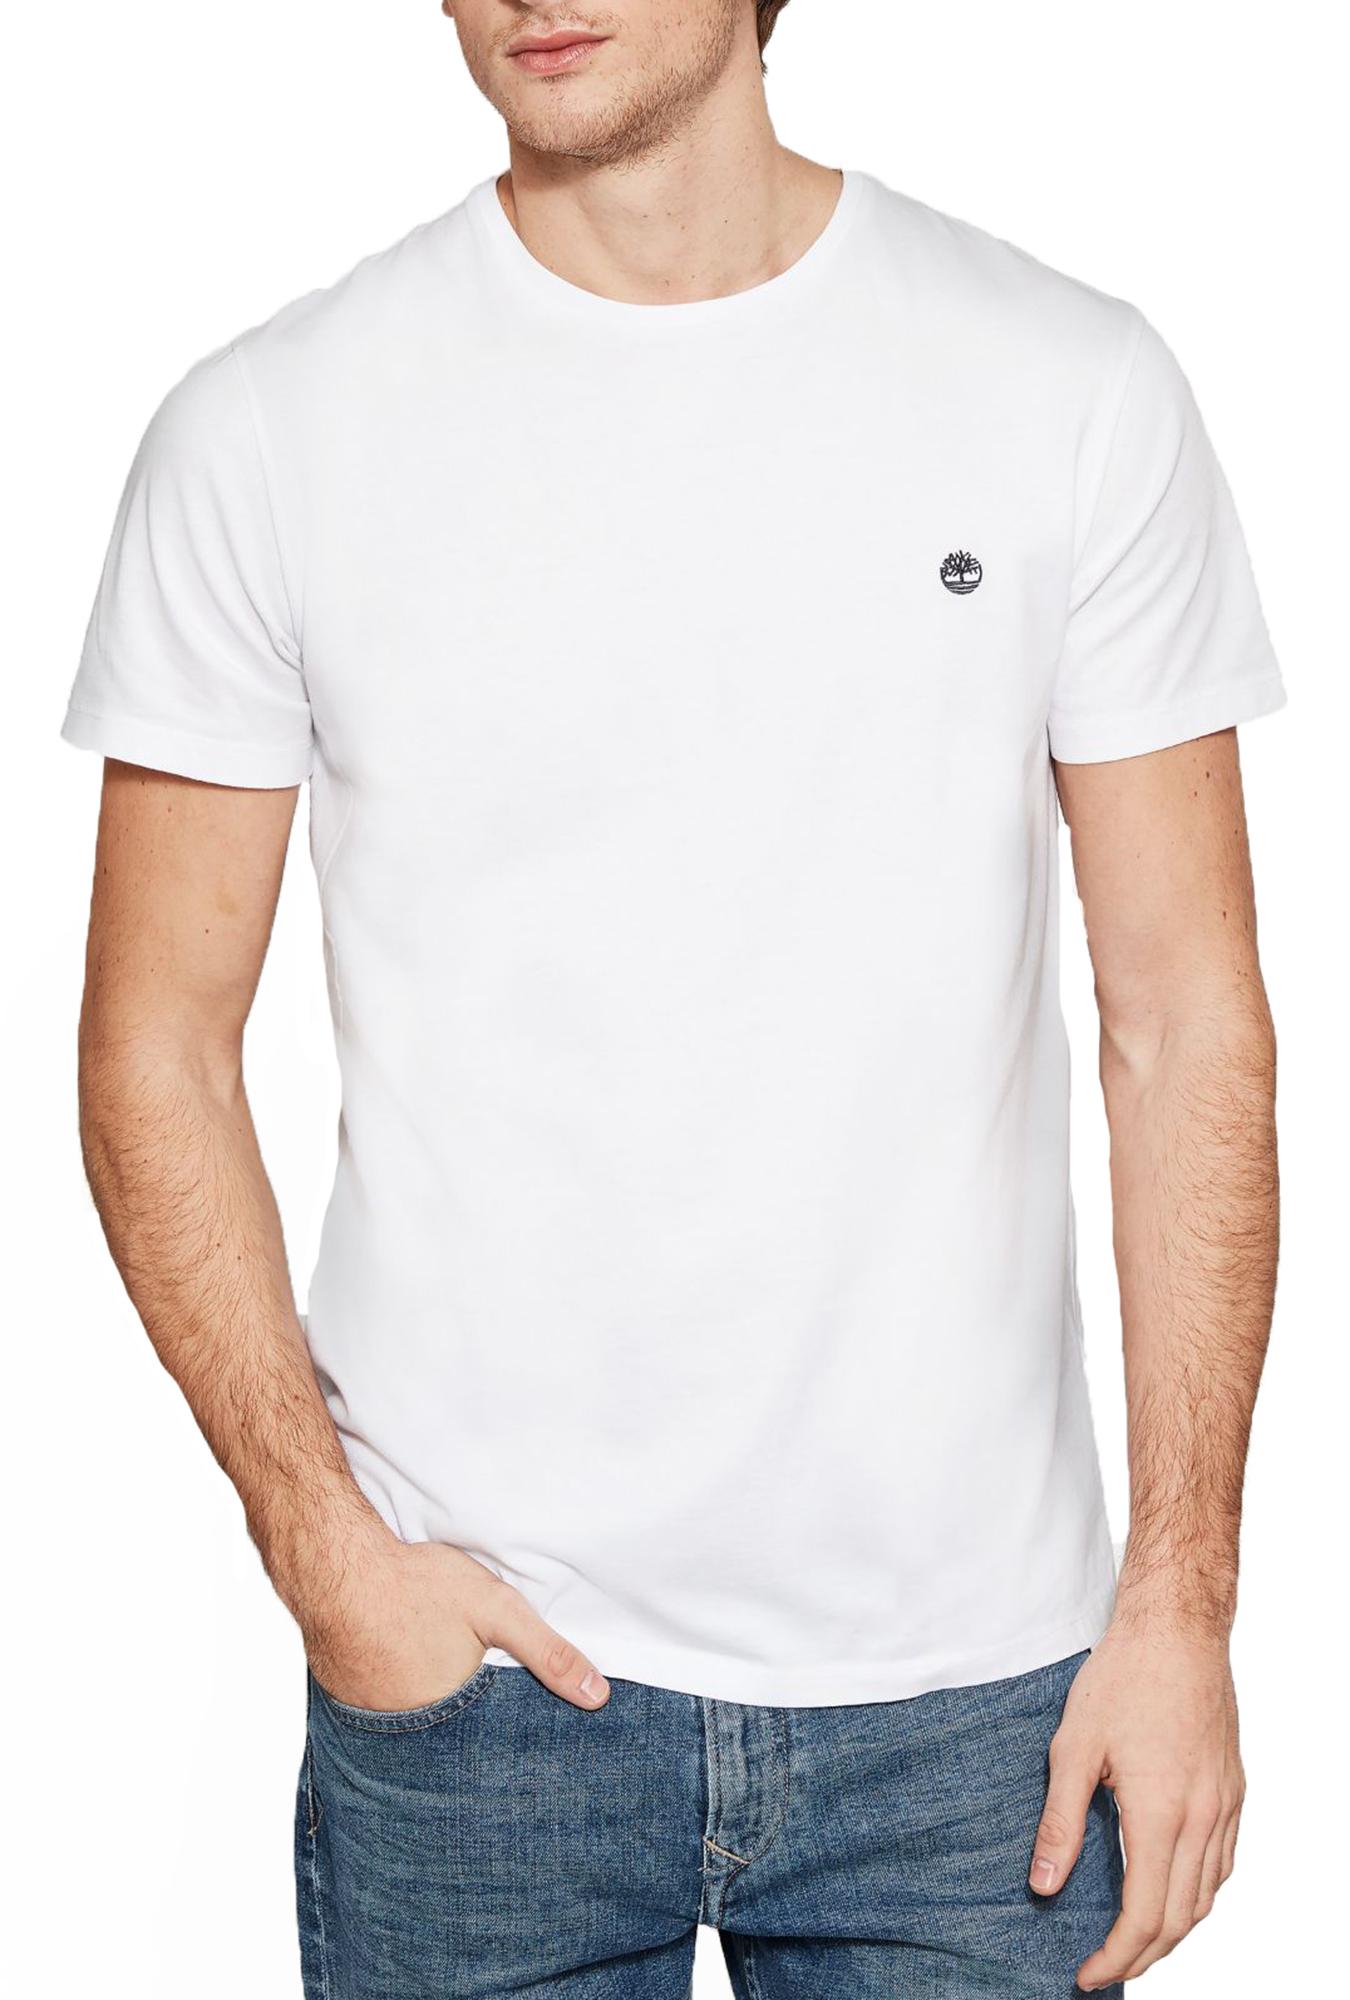 """Homme Brave Soul /'Gandalf /""""à Rayures T shirt à encolure ras-du-cou Summer Top"""